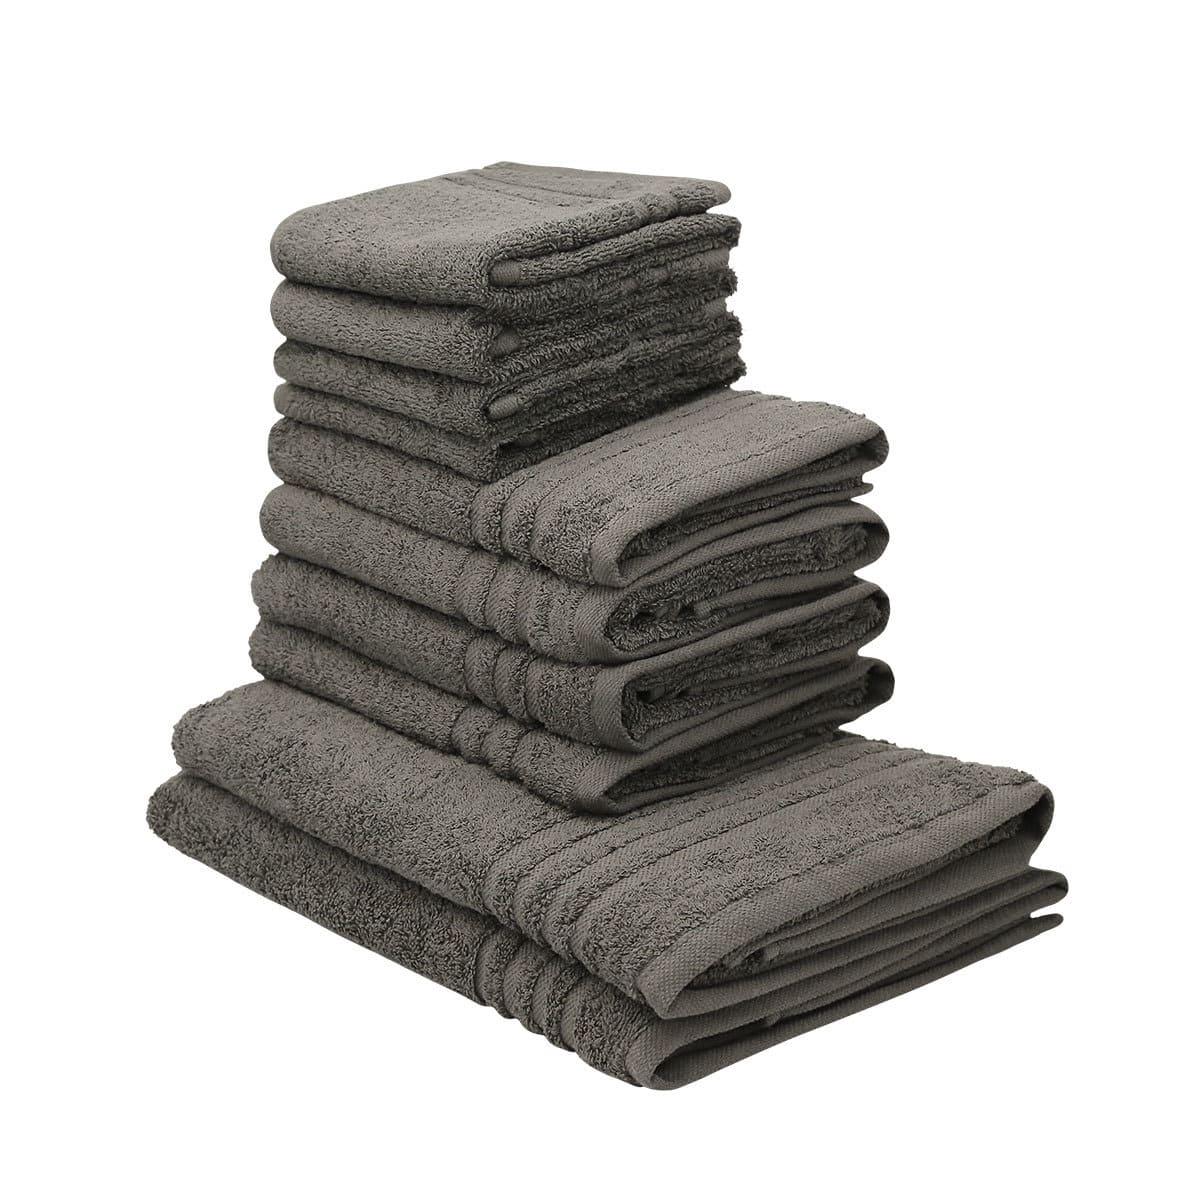 traumschlaf handtuch set monika mit bord re 10 teile g nstig online kaufen bei bettwaren shop. Black Bedroom Furniture Sets. Home Design Ideas